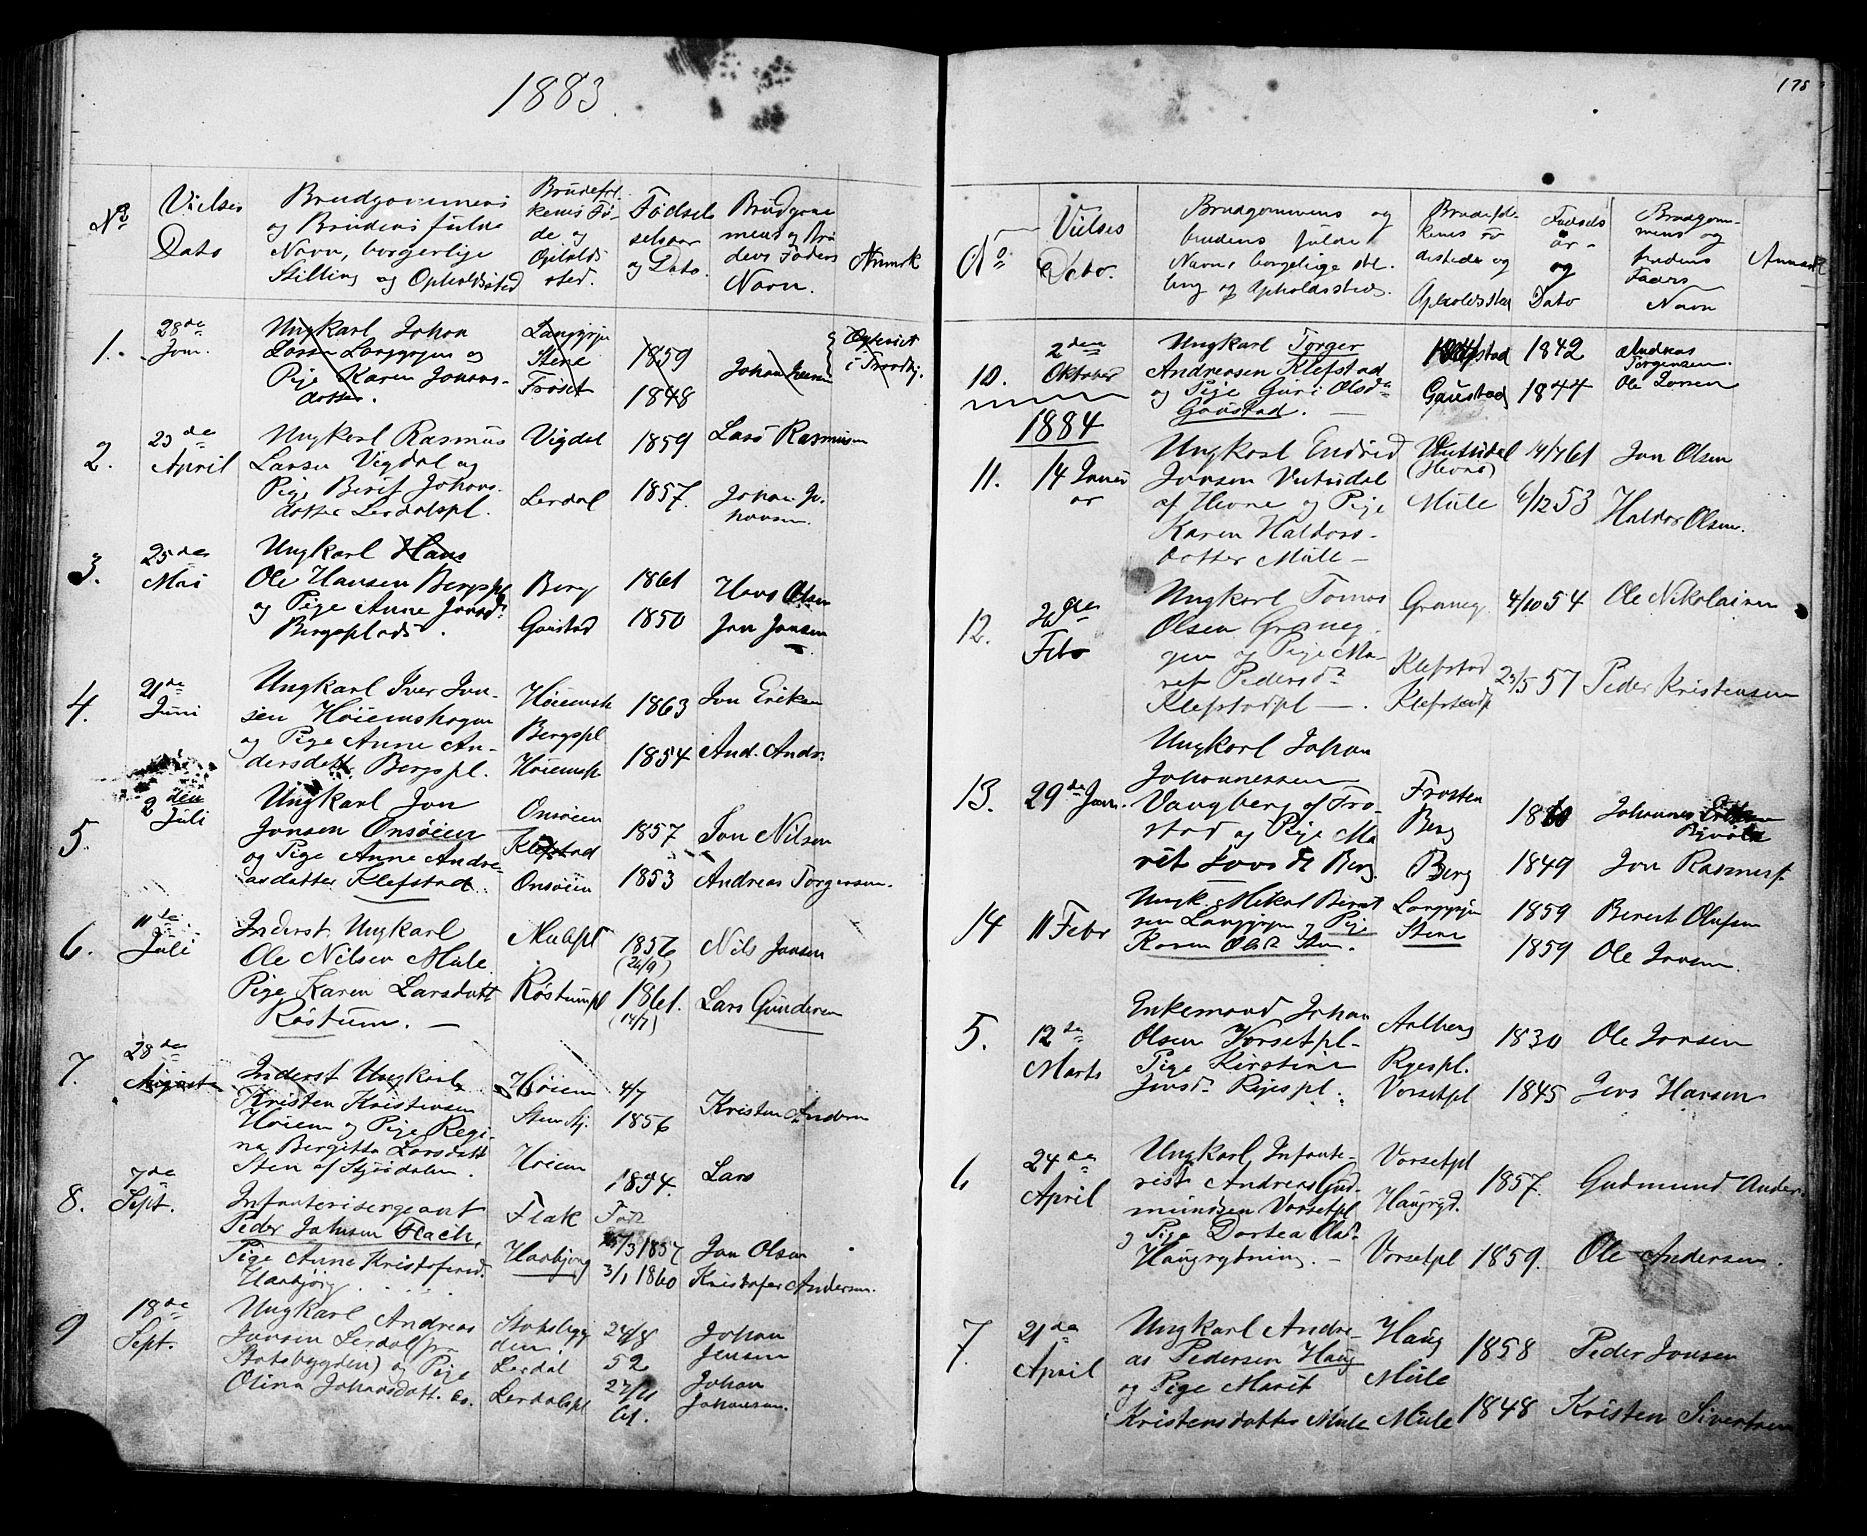 SAT, Ministerialprotokoller, klokkerbøker og fødselsregistre - Sør-Trøndelag, 612/L0387: Klokkerbok nr. 612C03, 1874-1908, s. 178